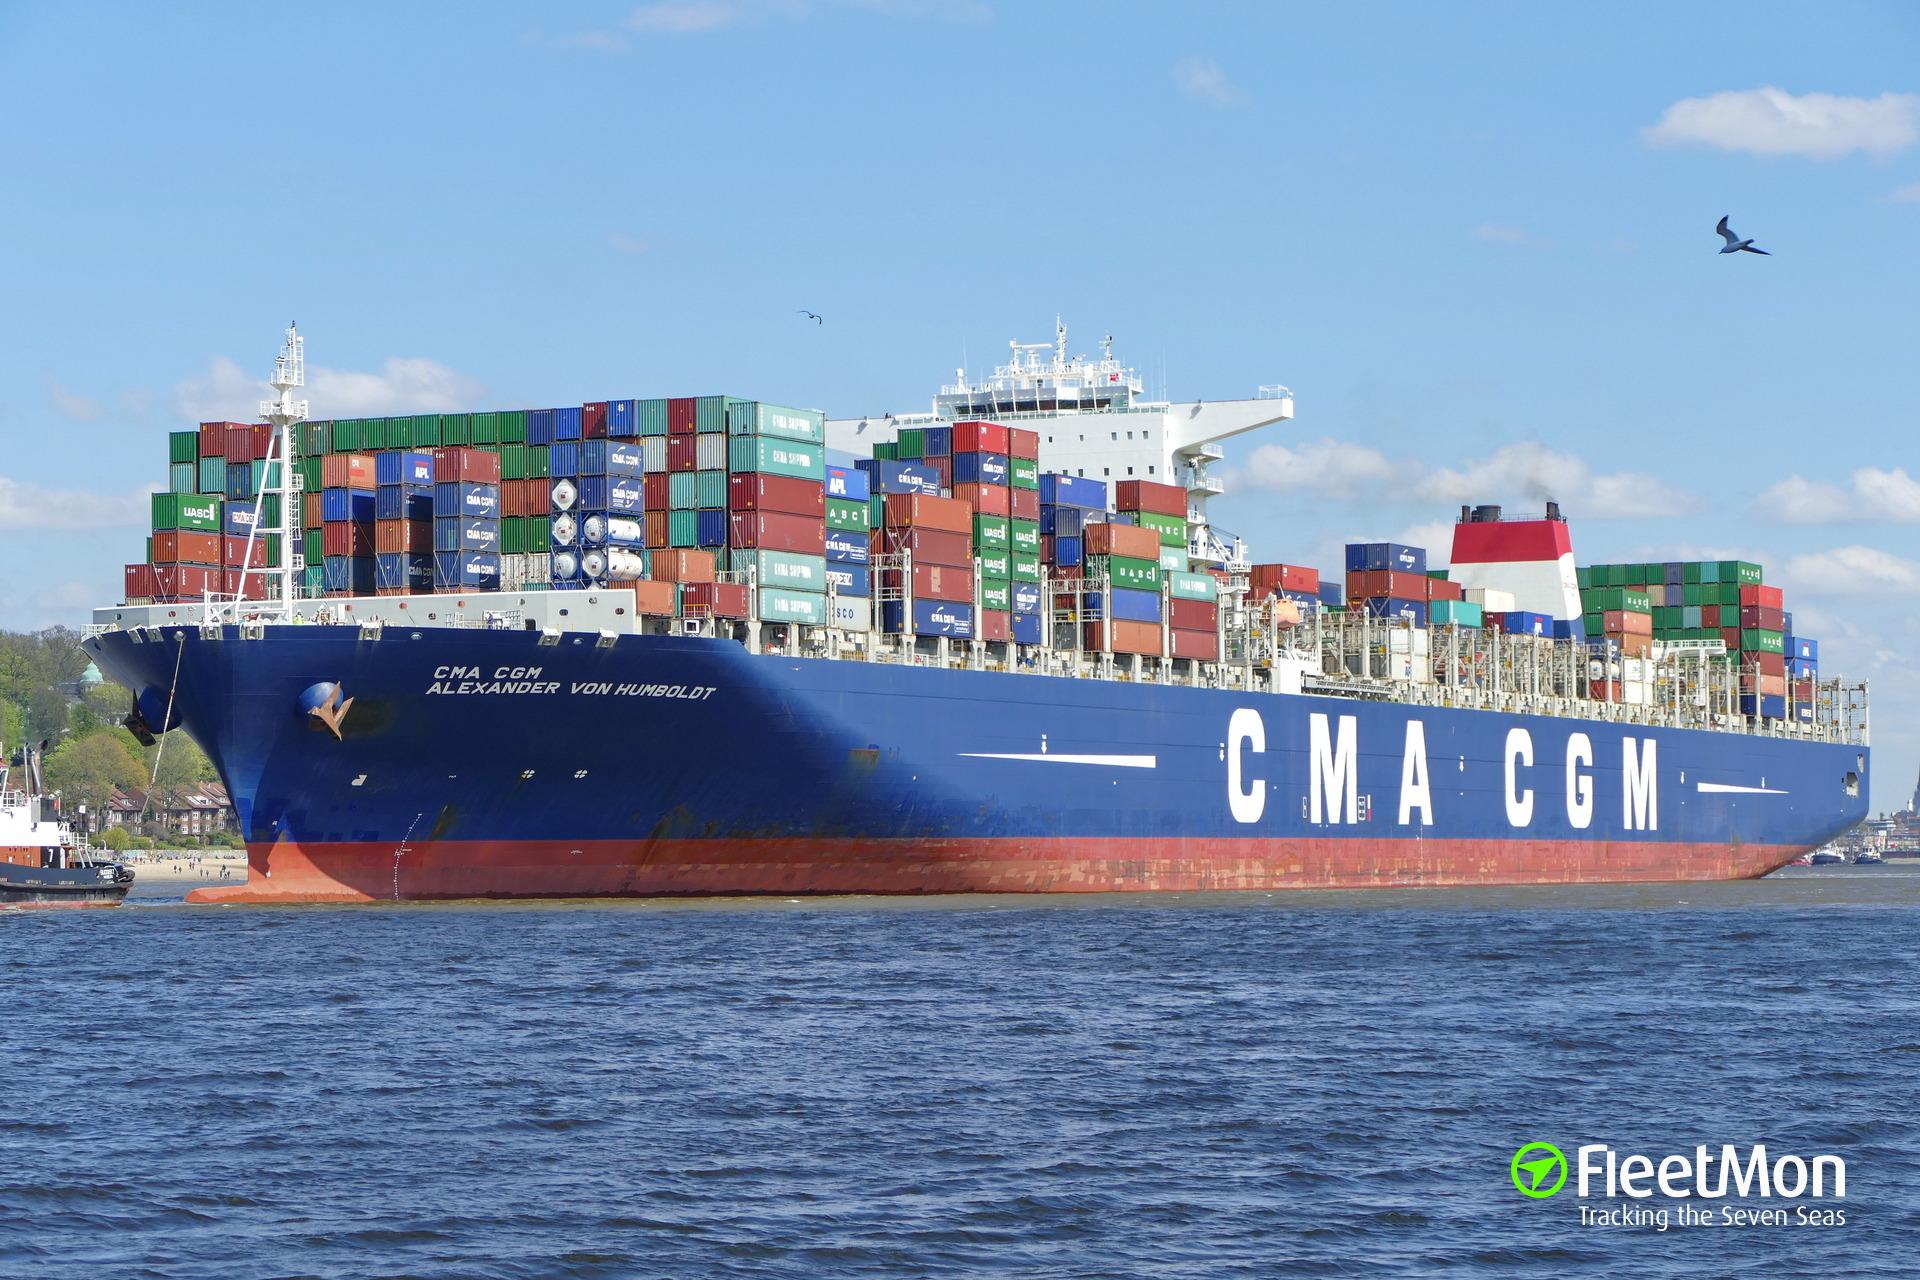 Christening of CMA CGM VON HUMBOLDT in Hamburg